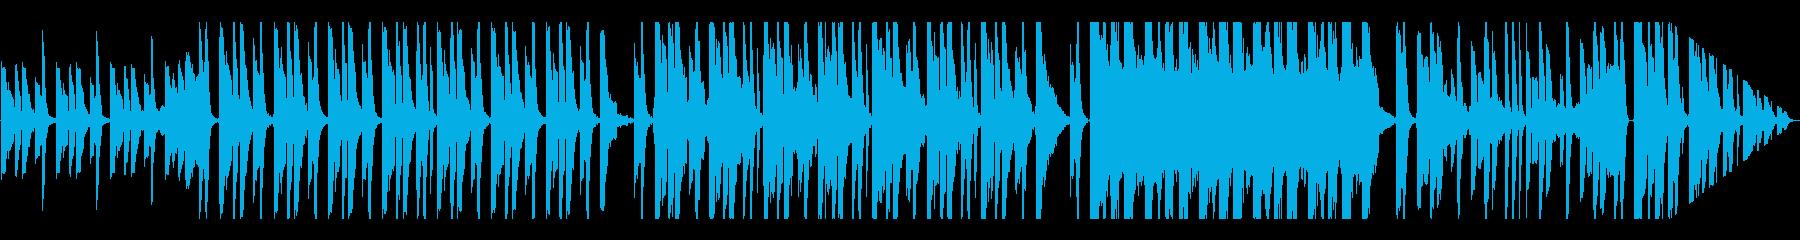 ポップインストゥルメンタル。 In...の再生済みの波形